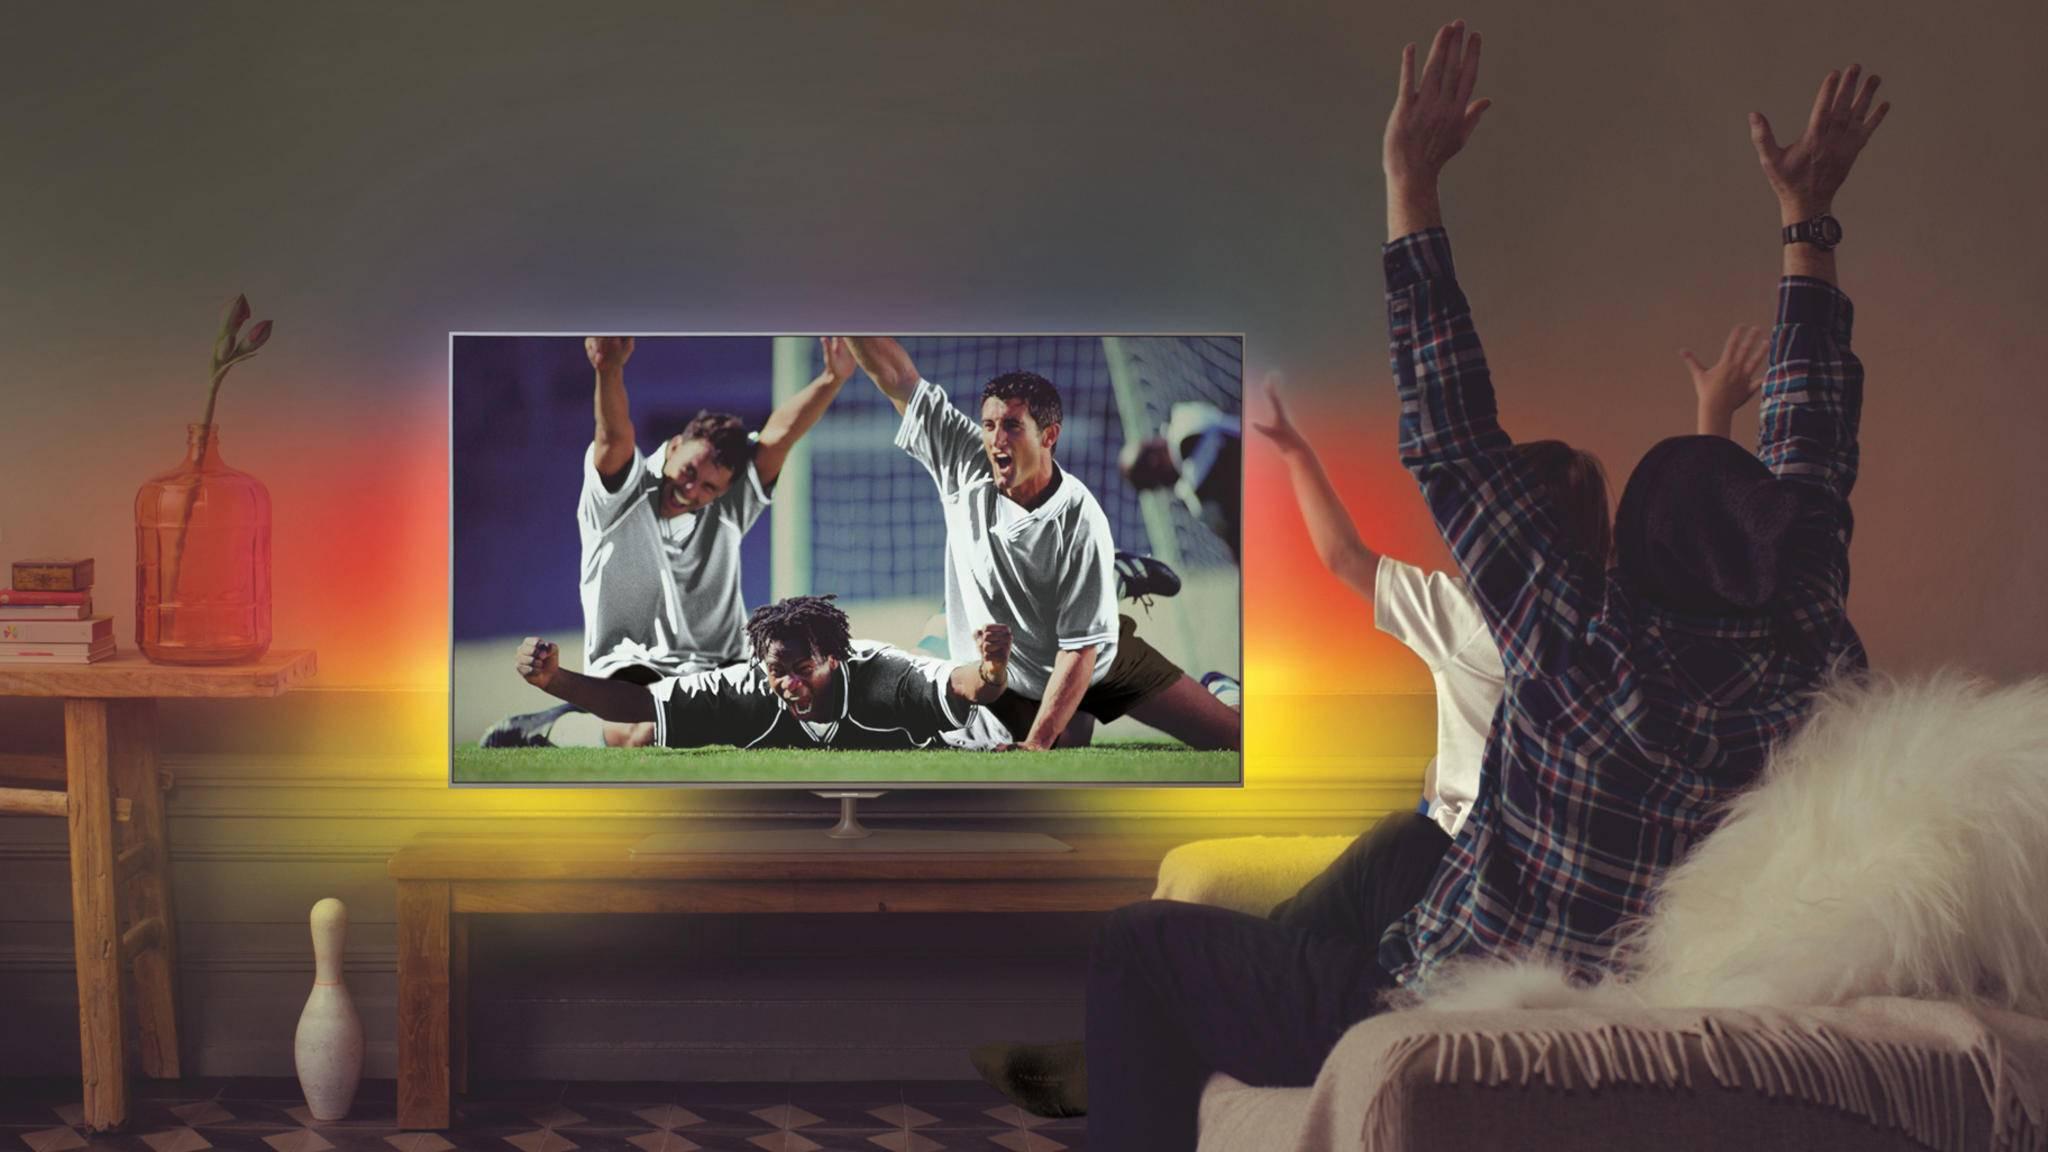 Kabel, Satellit und Co: Welcher Zuschauer darf zuerst jubeln?